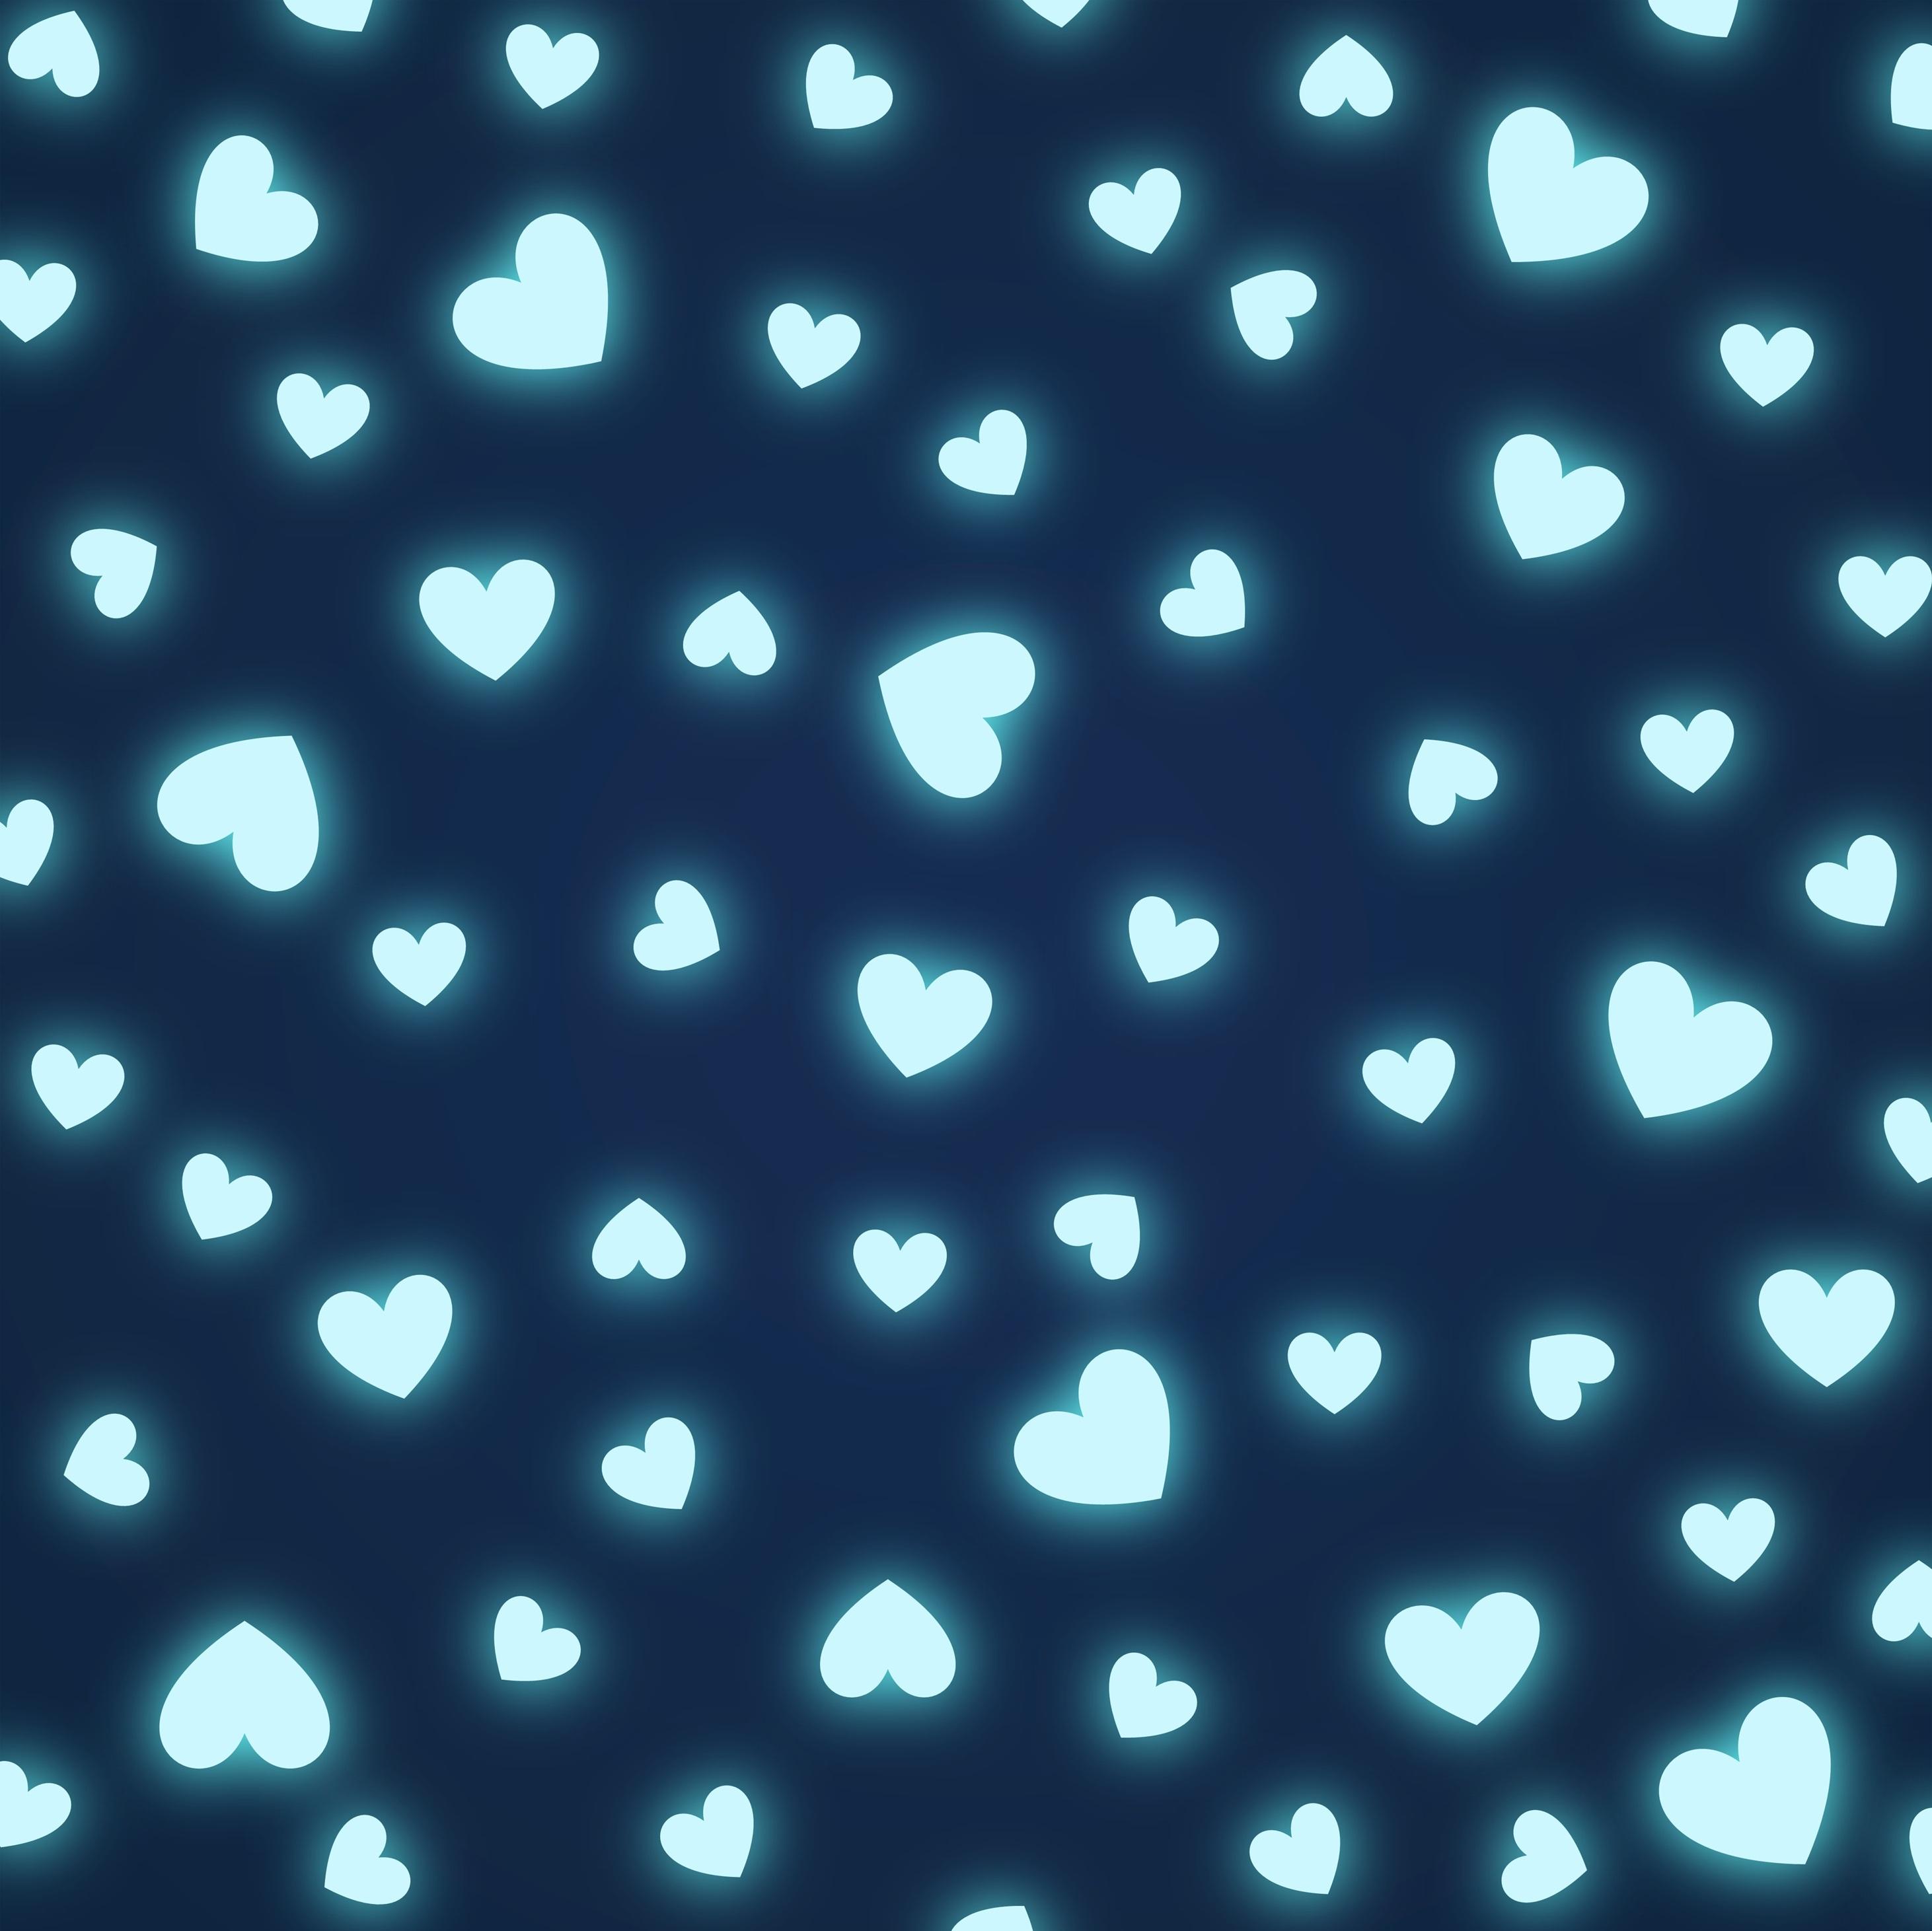 65587 Заставки и Обои Сердца на телефон. Скачать Сердца, Узоры, Текстуры, Формы, Декорация, Элементы картинки бесплатно